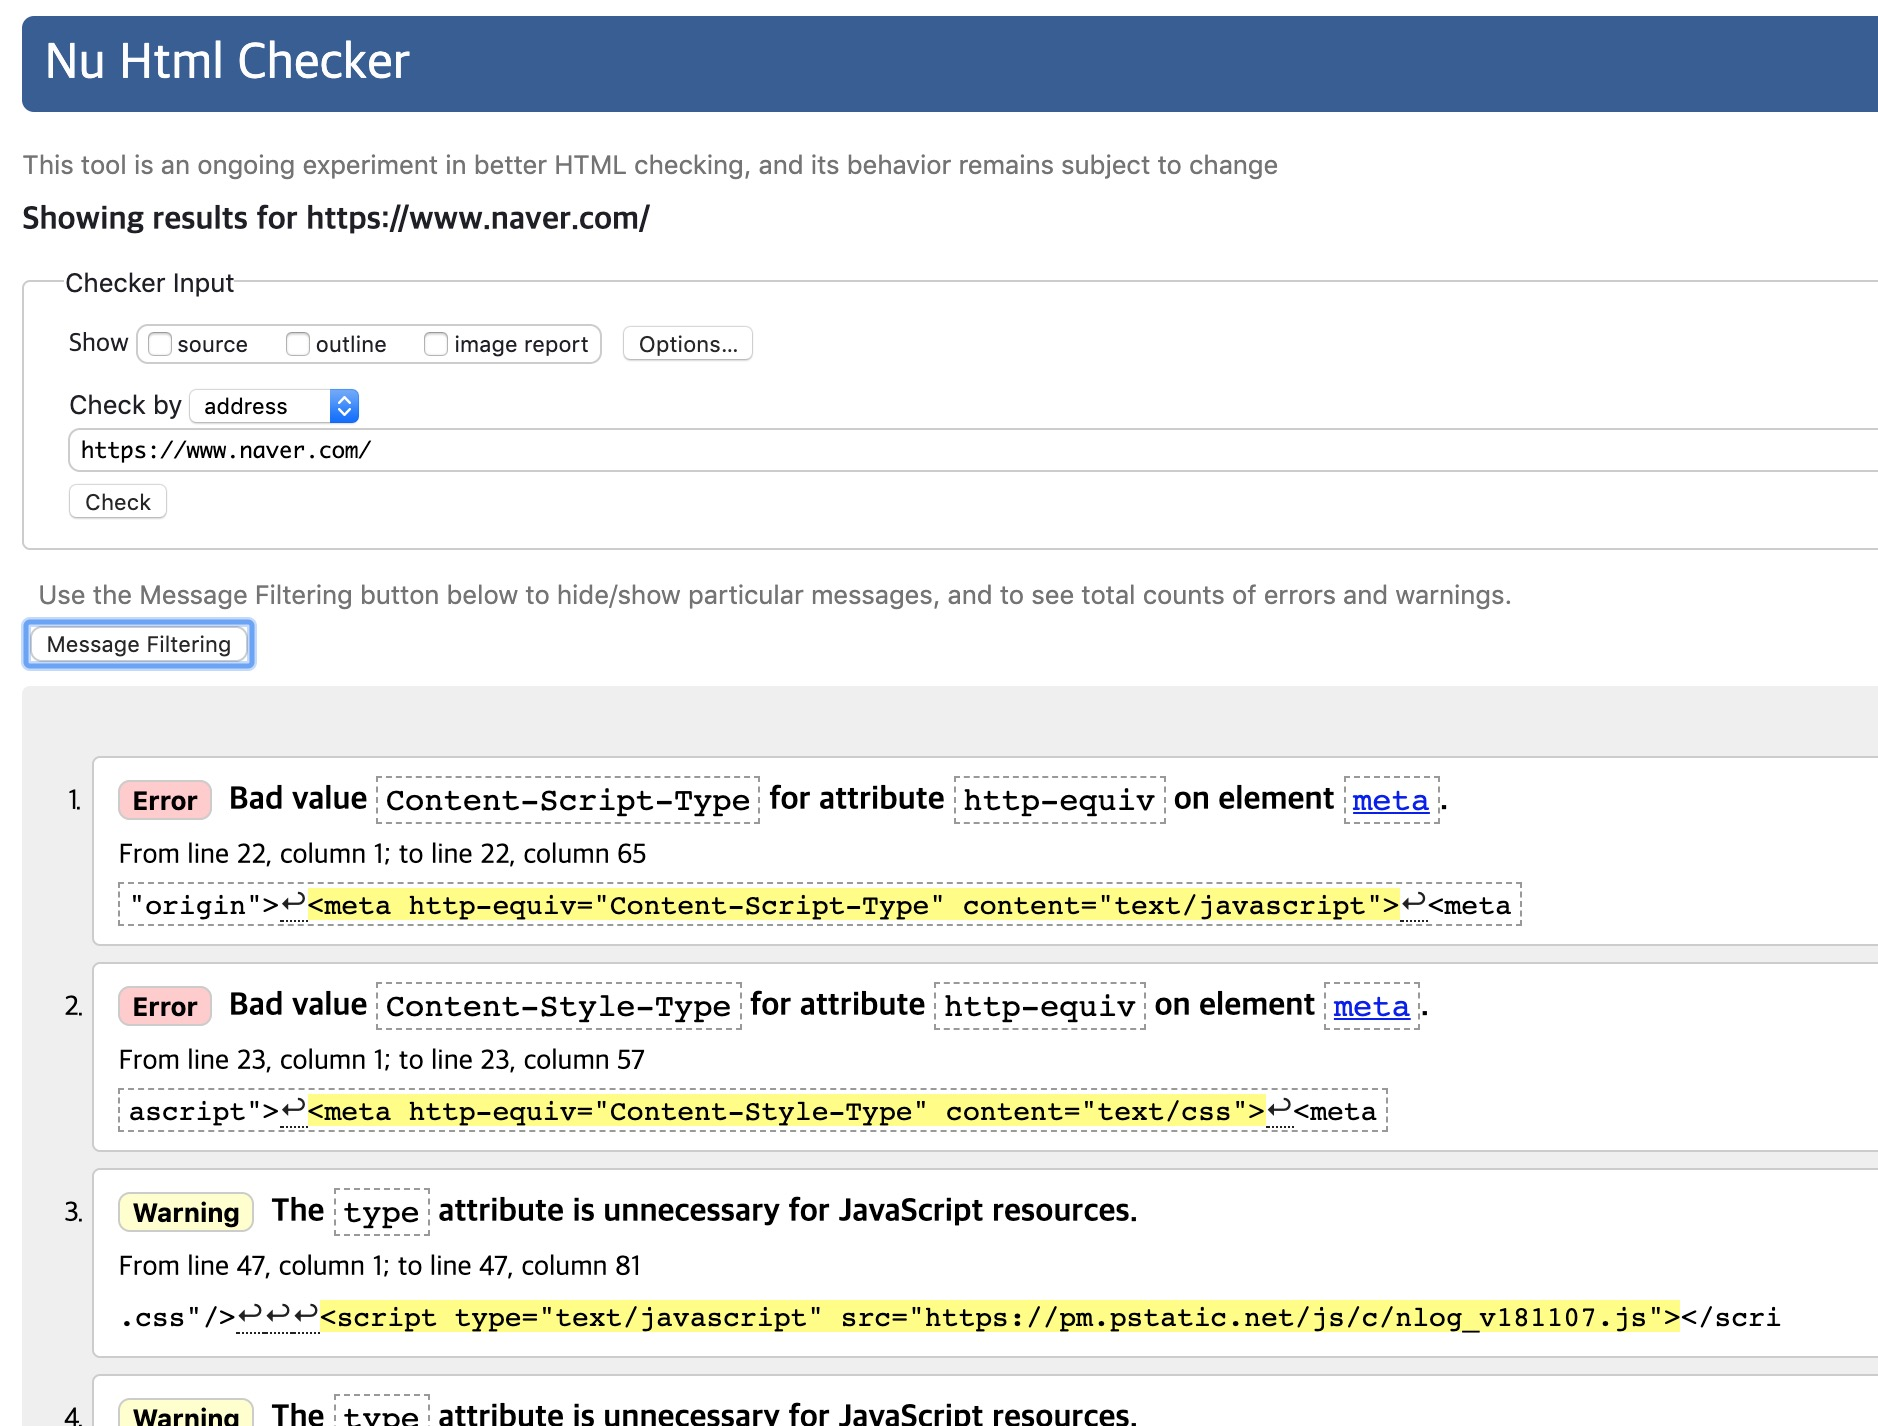 웹 표준 검사 결과 naver.com